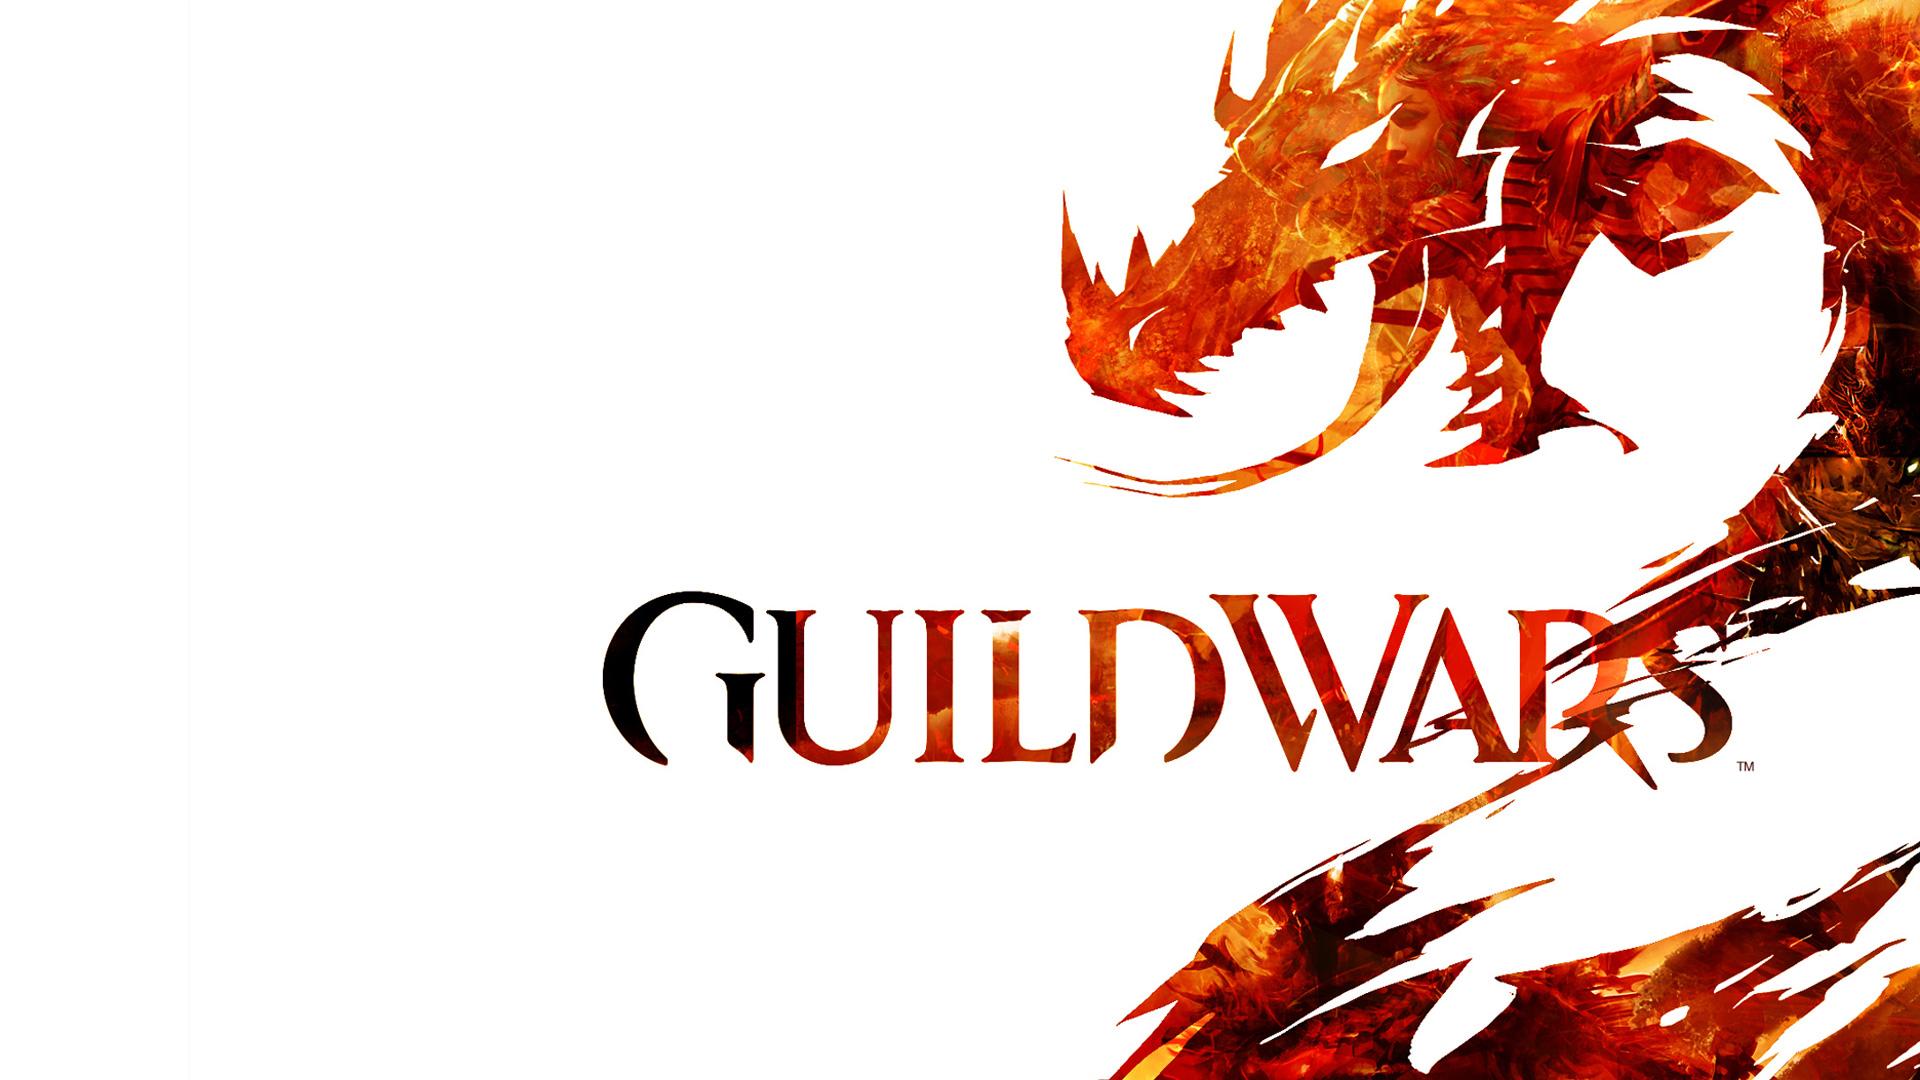 Free Guild Wars 2 Wallpaper in 1920x1080